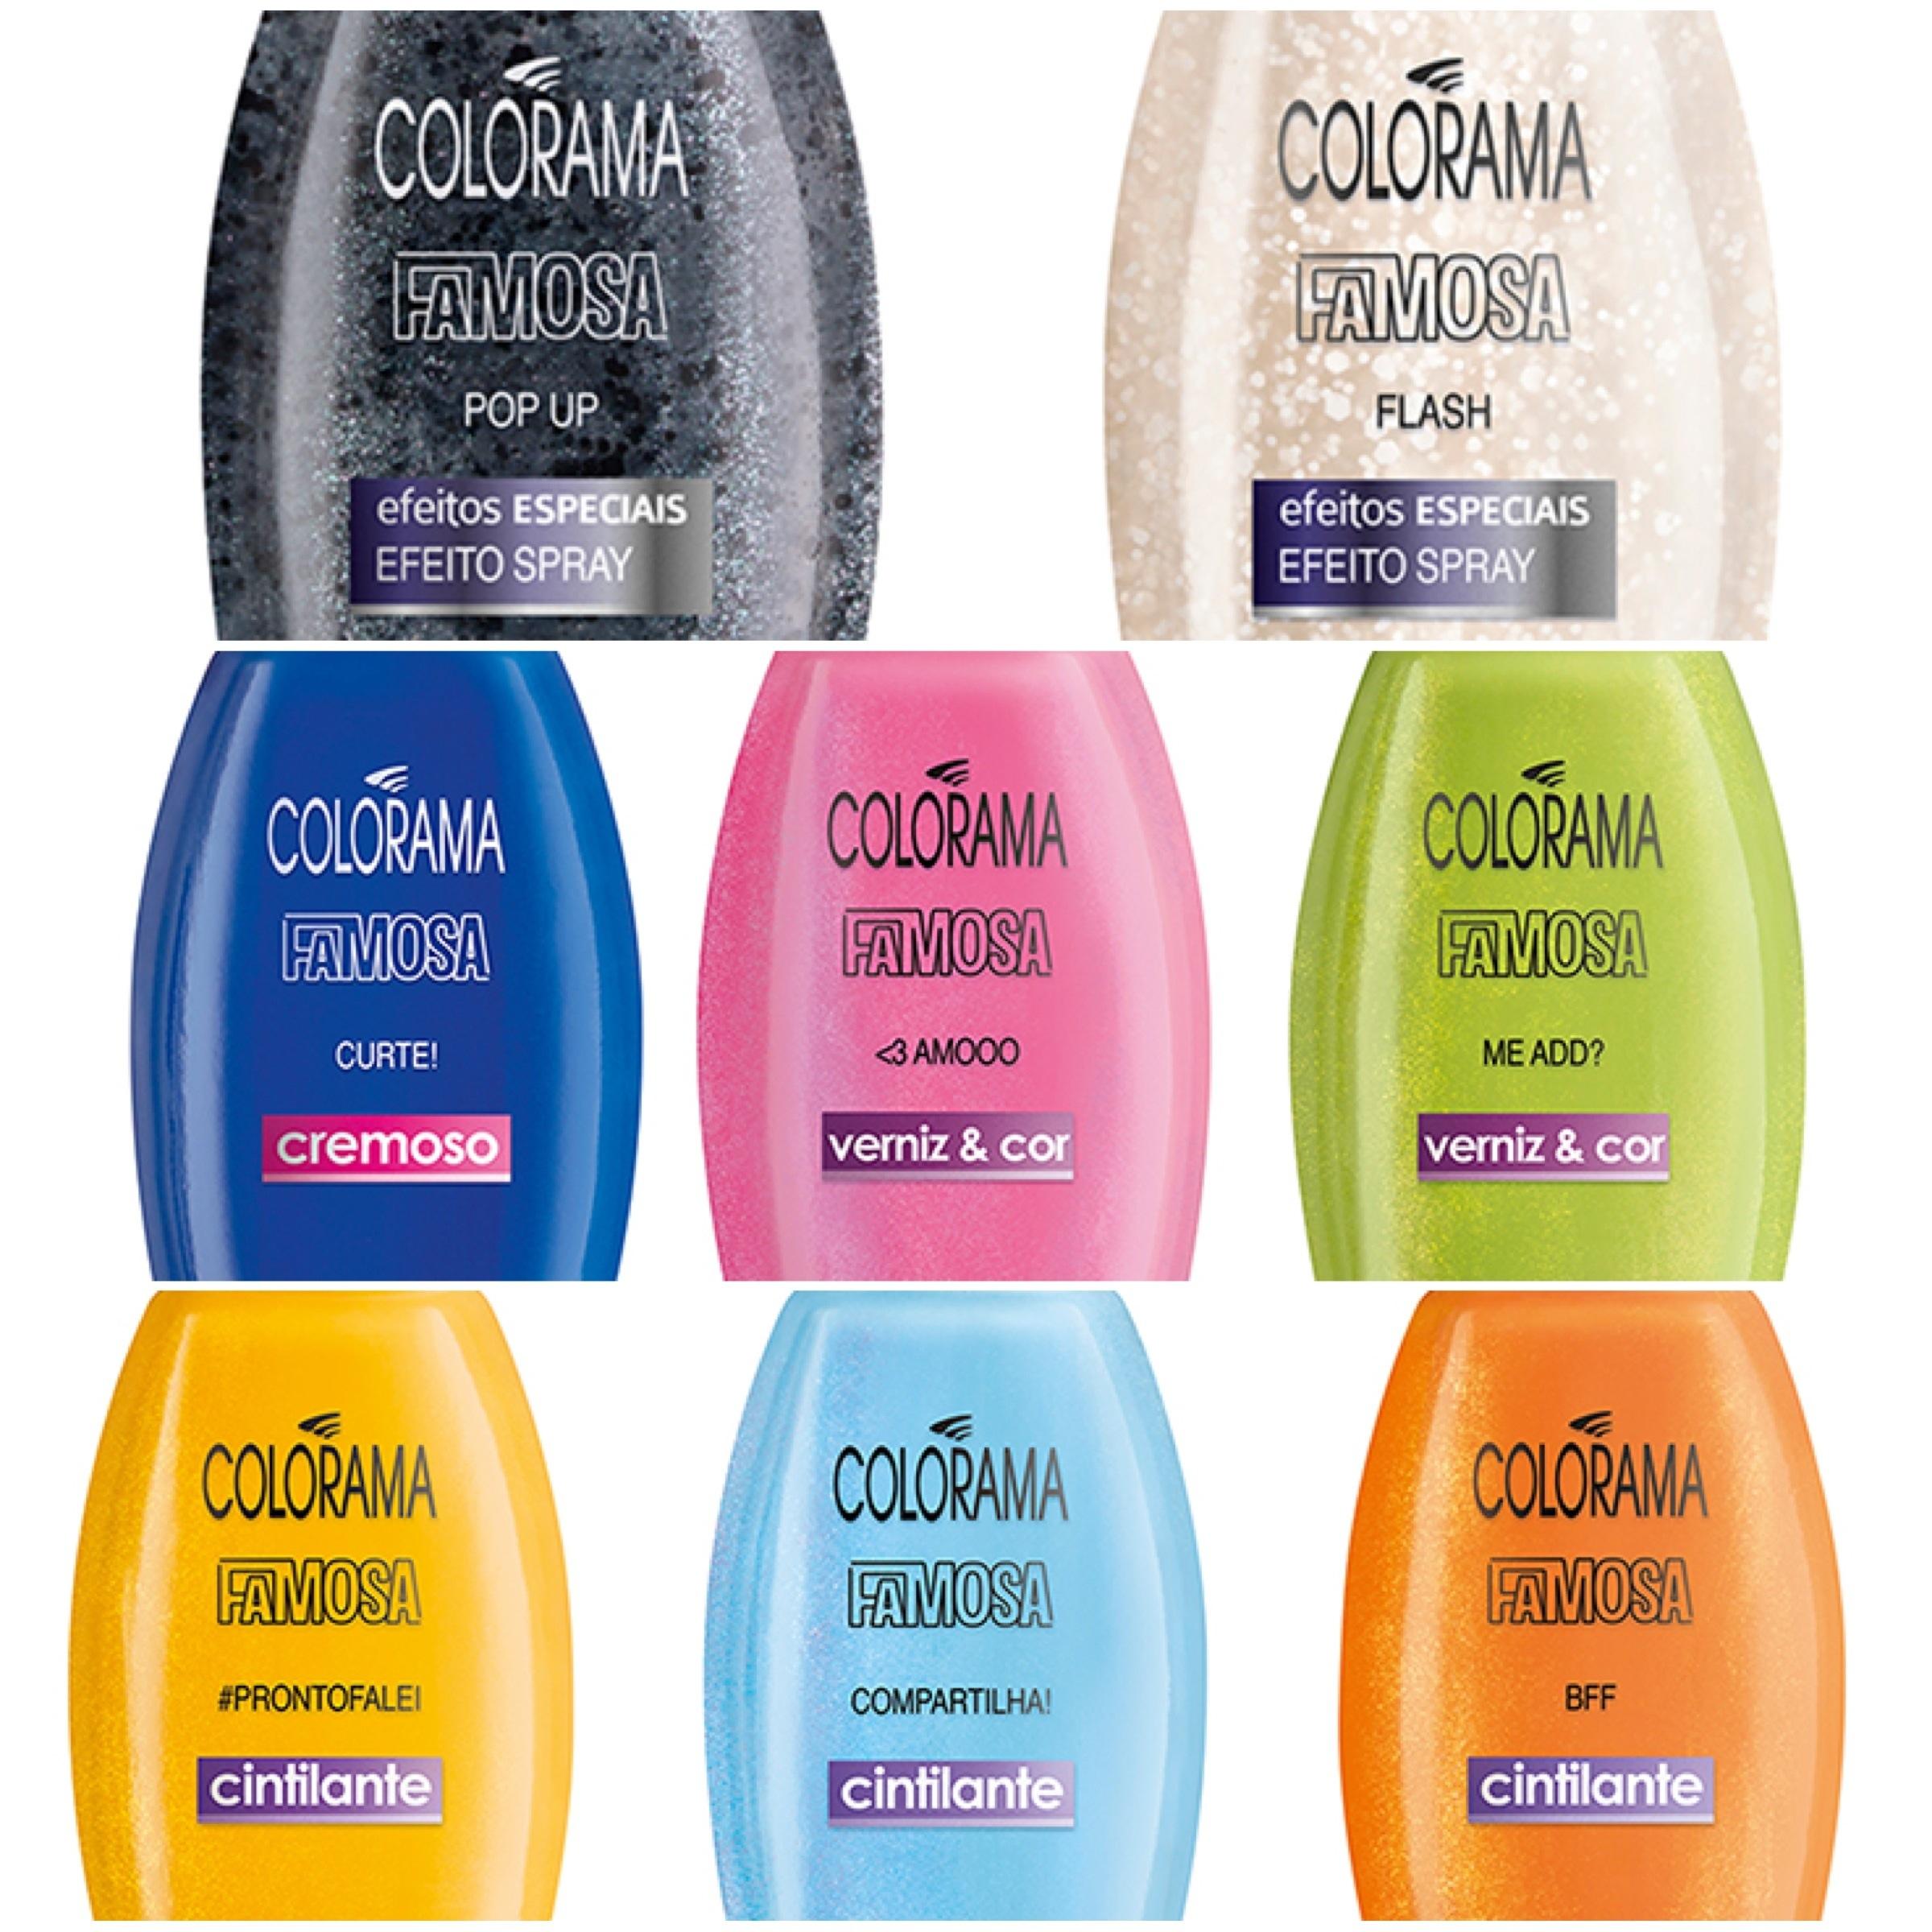 Cores da coleção de esmaltes Famosa da Colorama1